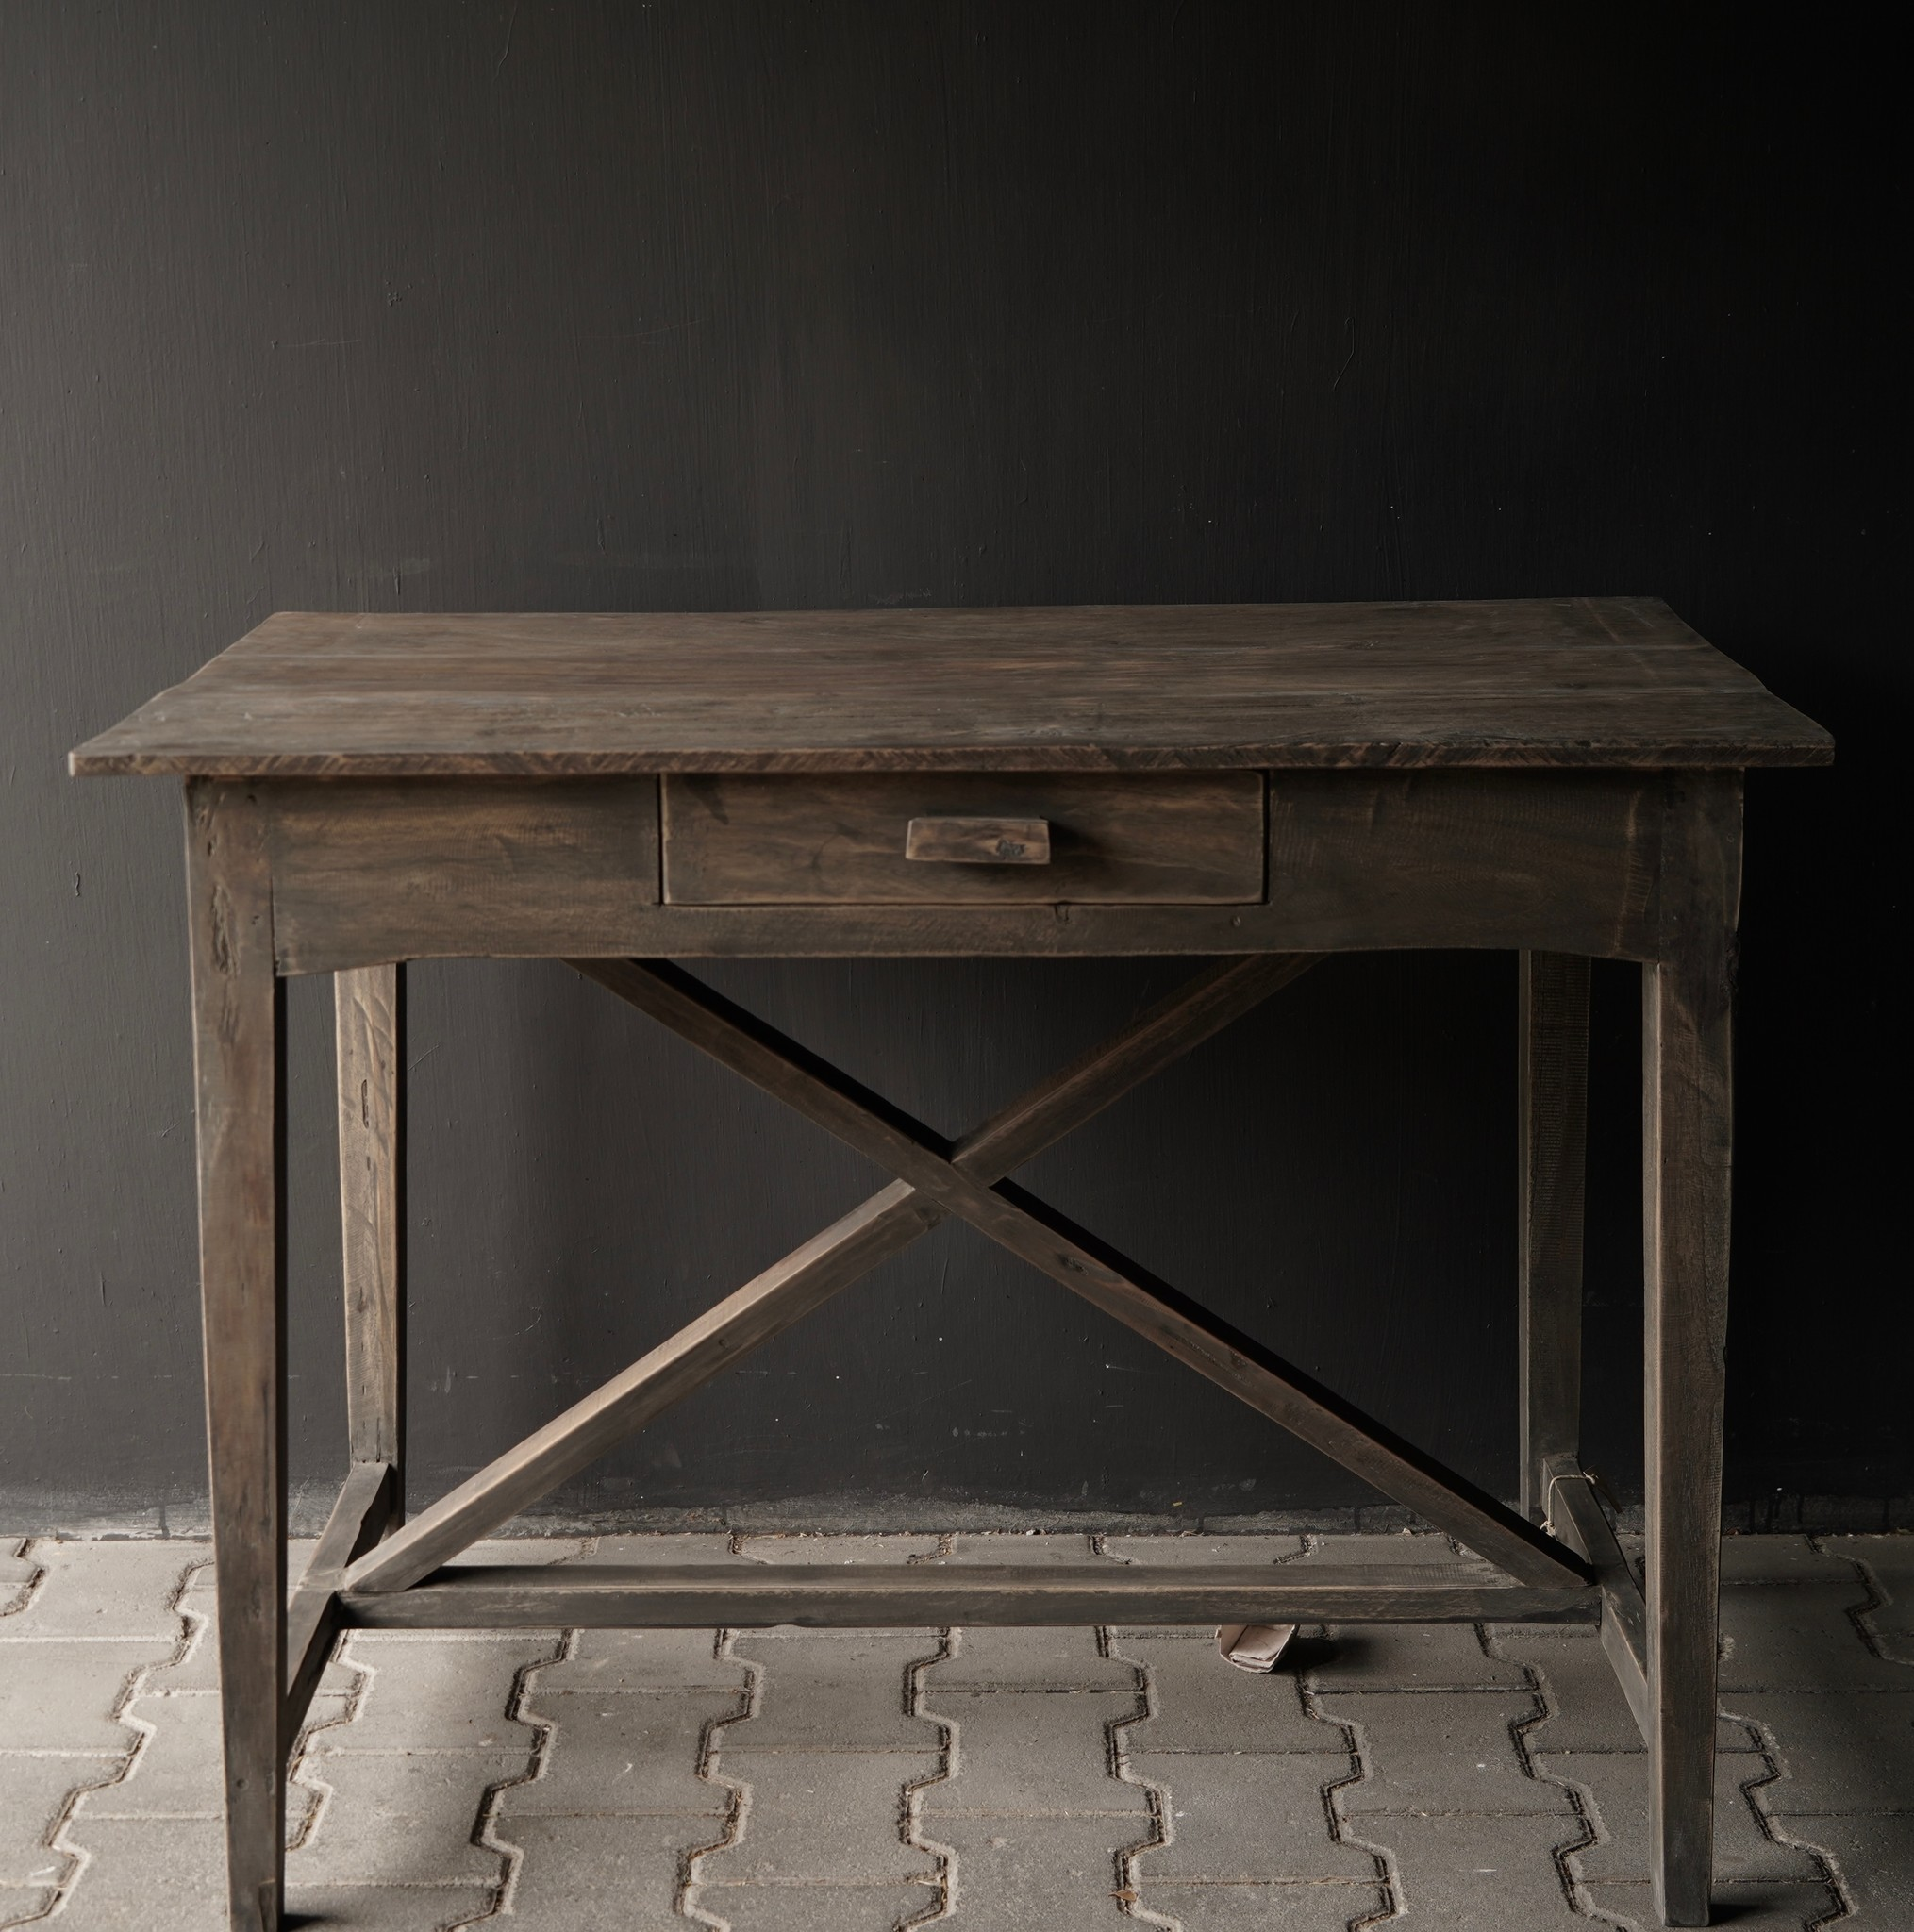 Stoer oud Sidetable/muurtafel oud hout met een lade-9